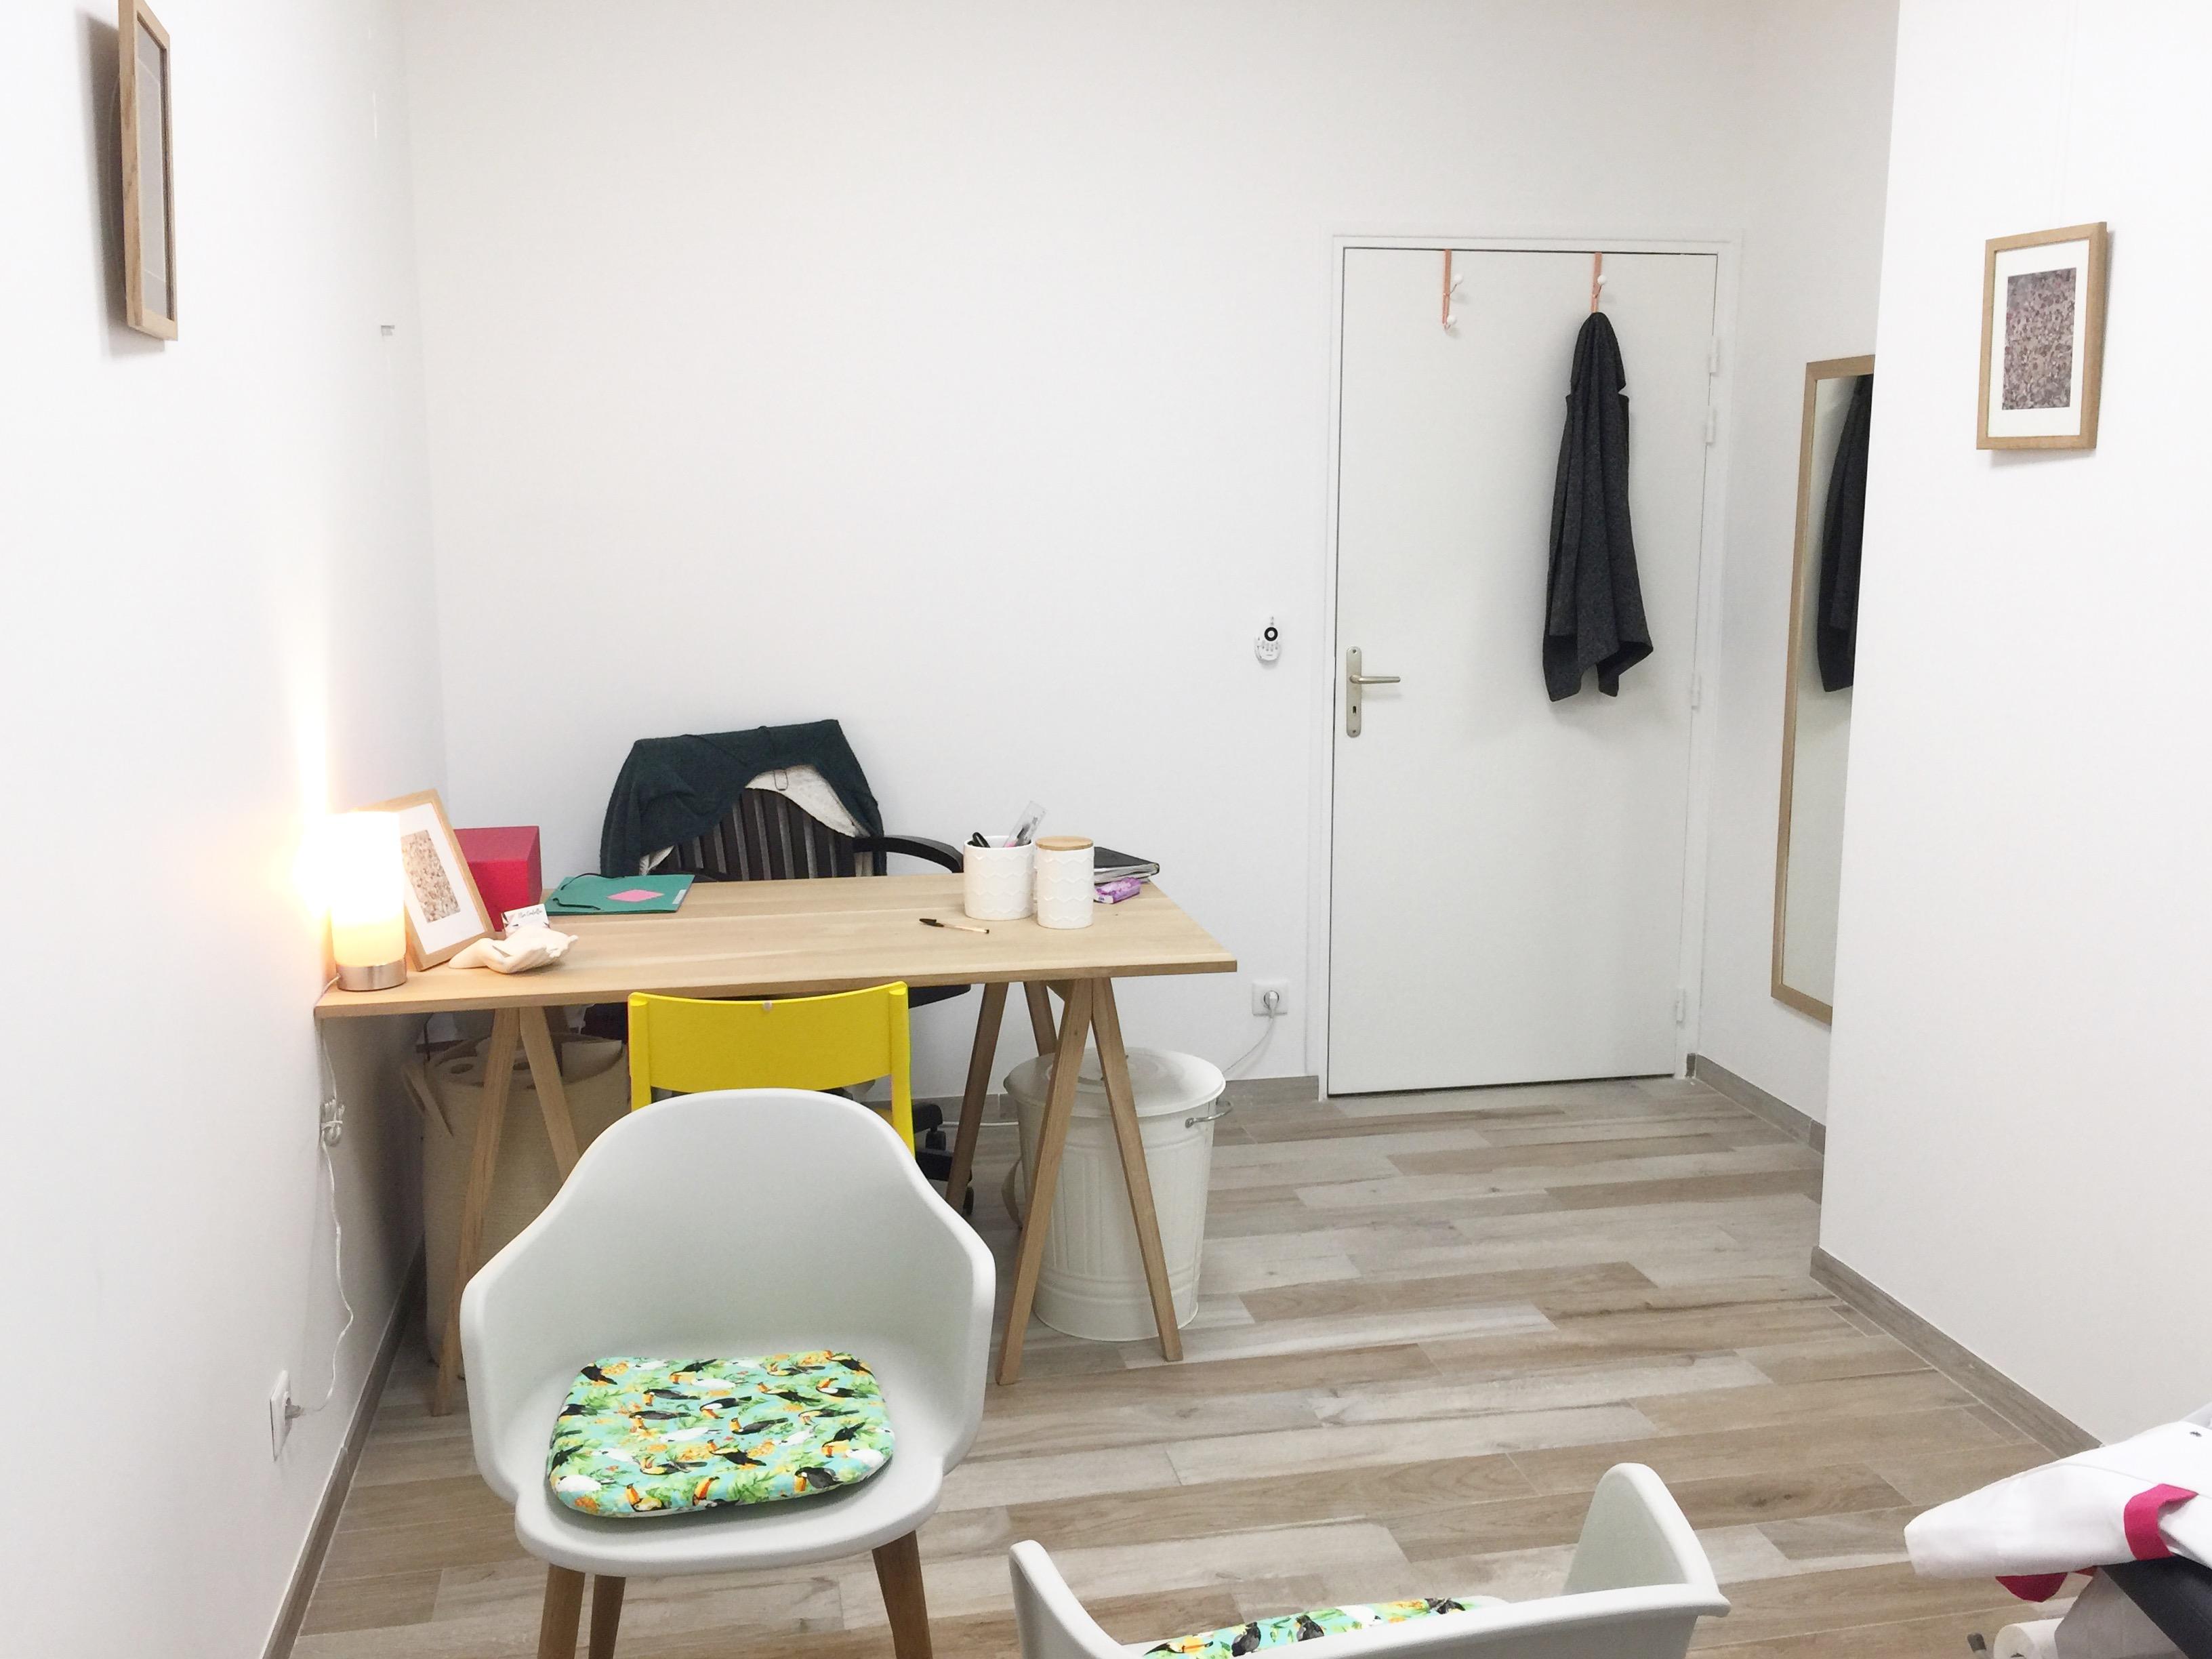 Cabinet d'hypnose - Elsa Couteiller - Vincennes - elsacouteiller.com